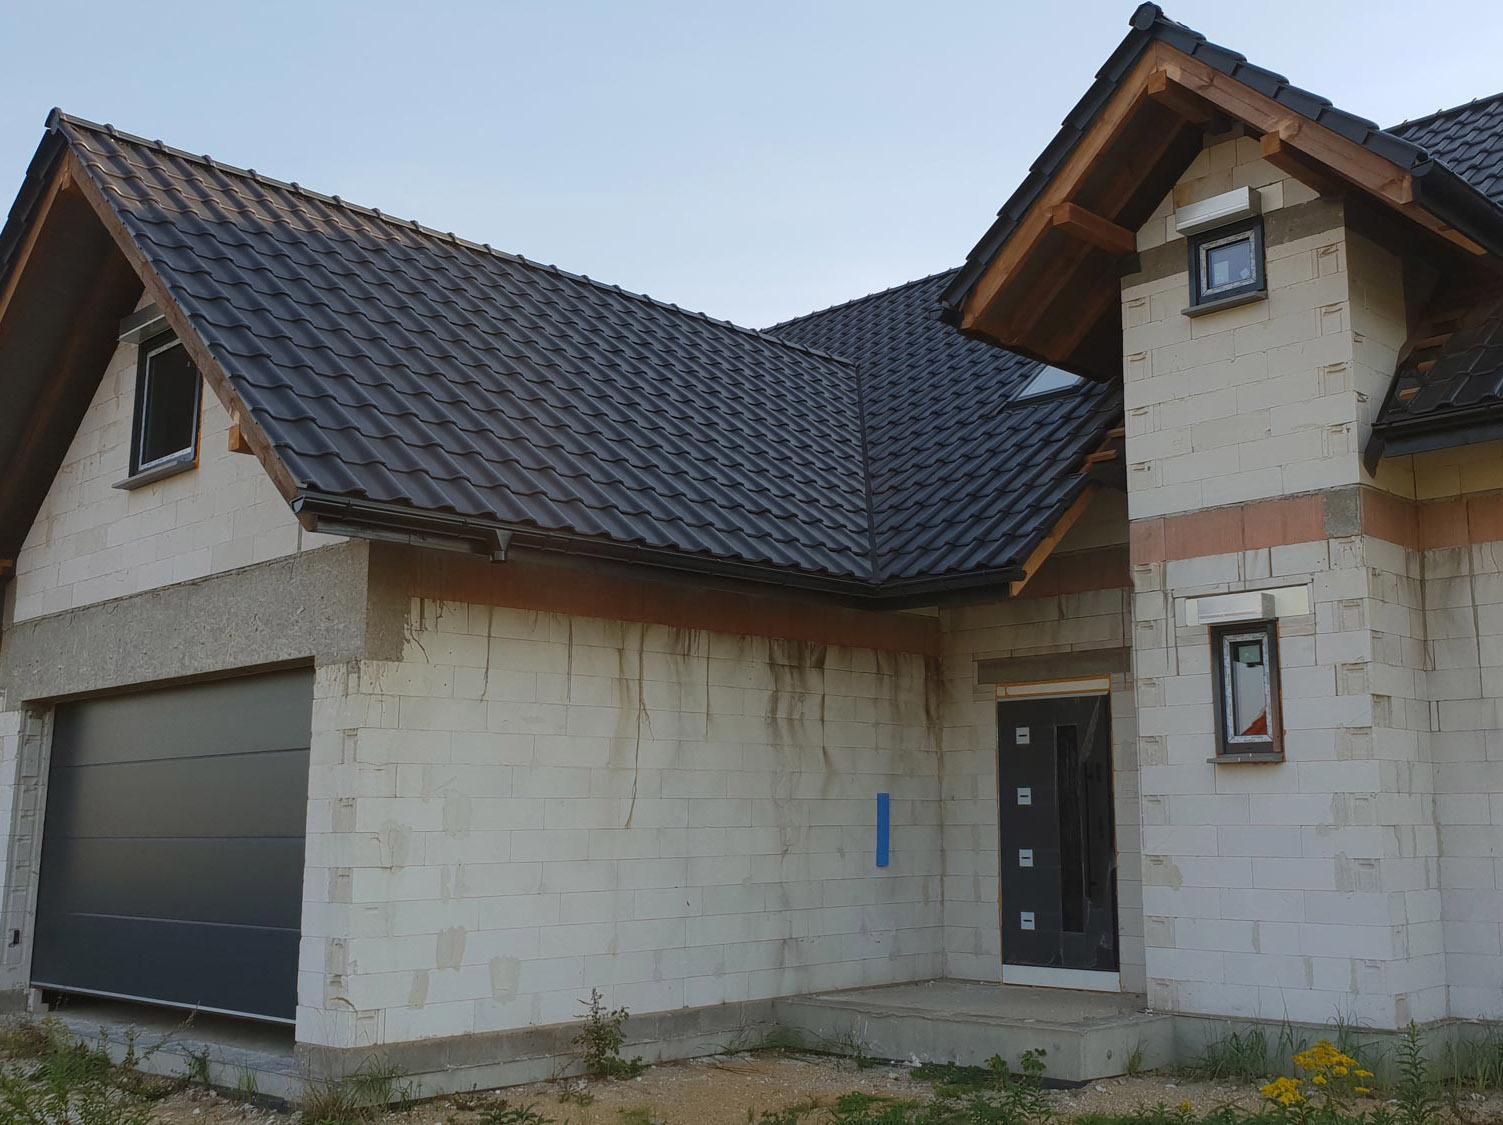 Dom jednorodzinny o powierzhcni 188 m2 w Smolcu